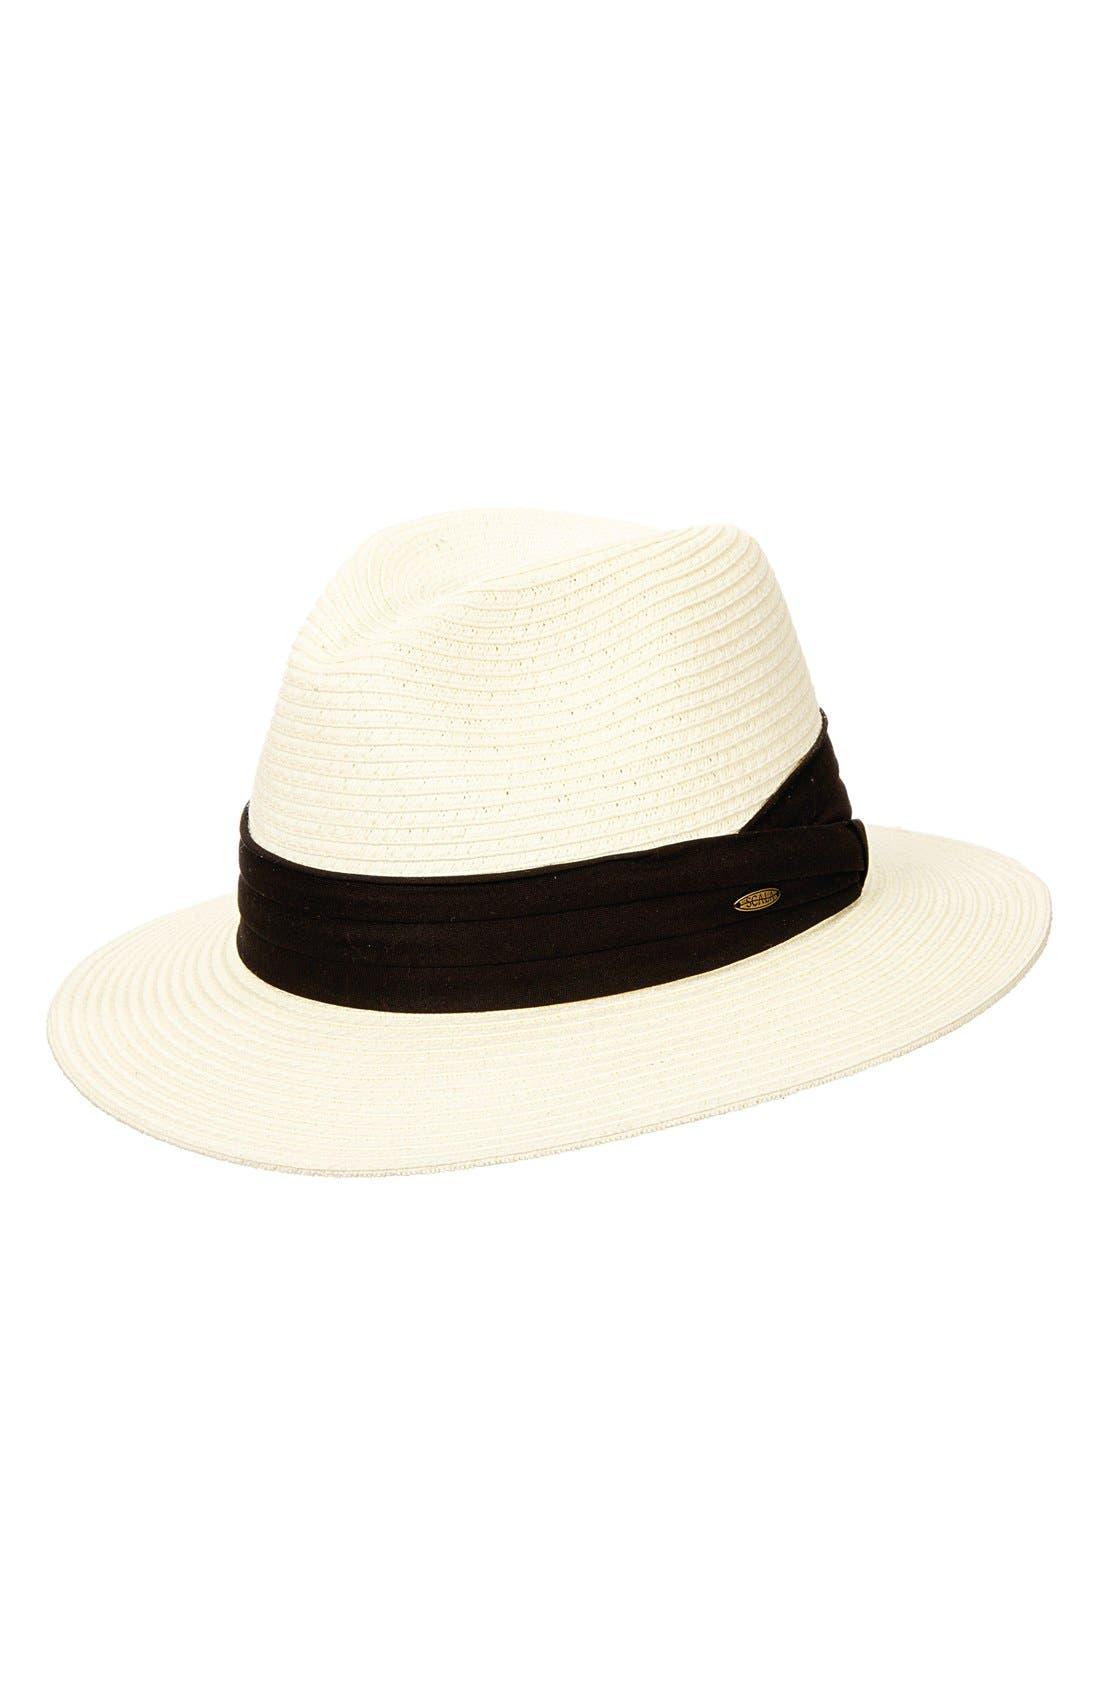 Safari Hat,                         Main,                         color, Ivory